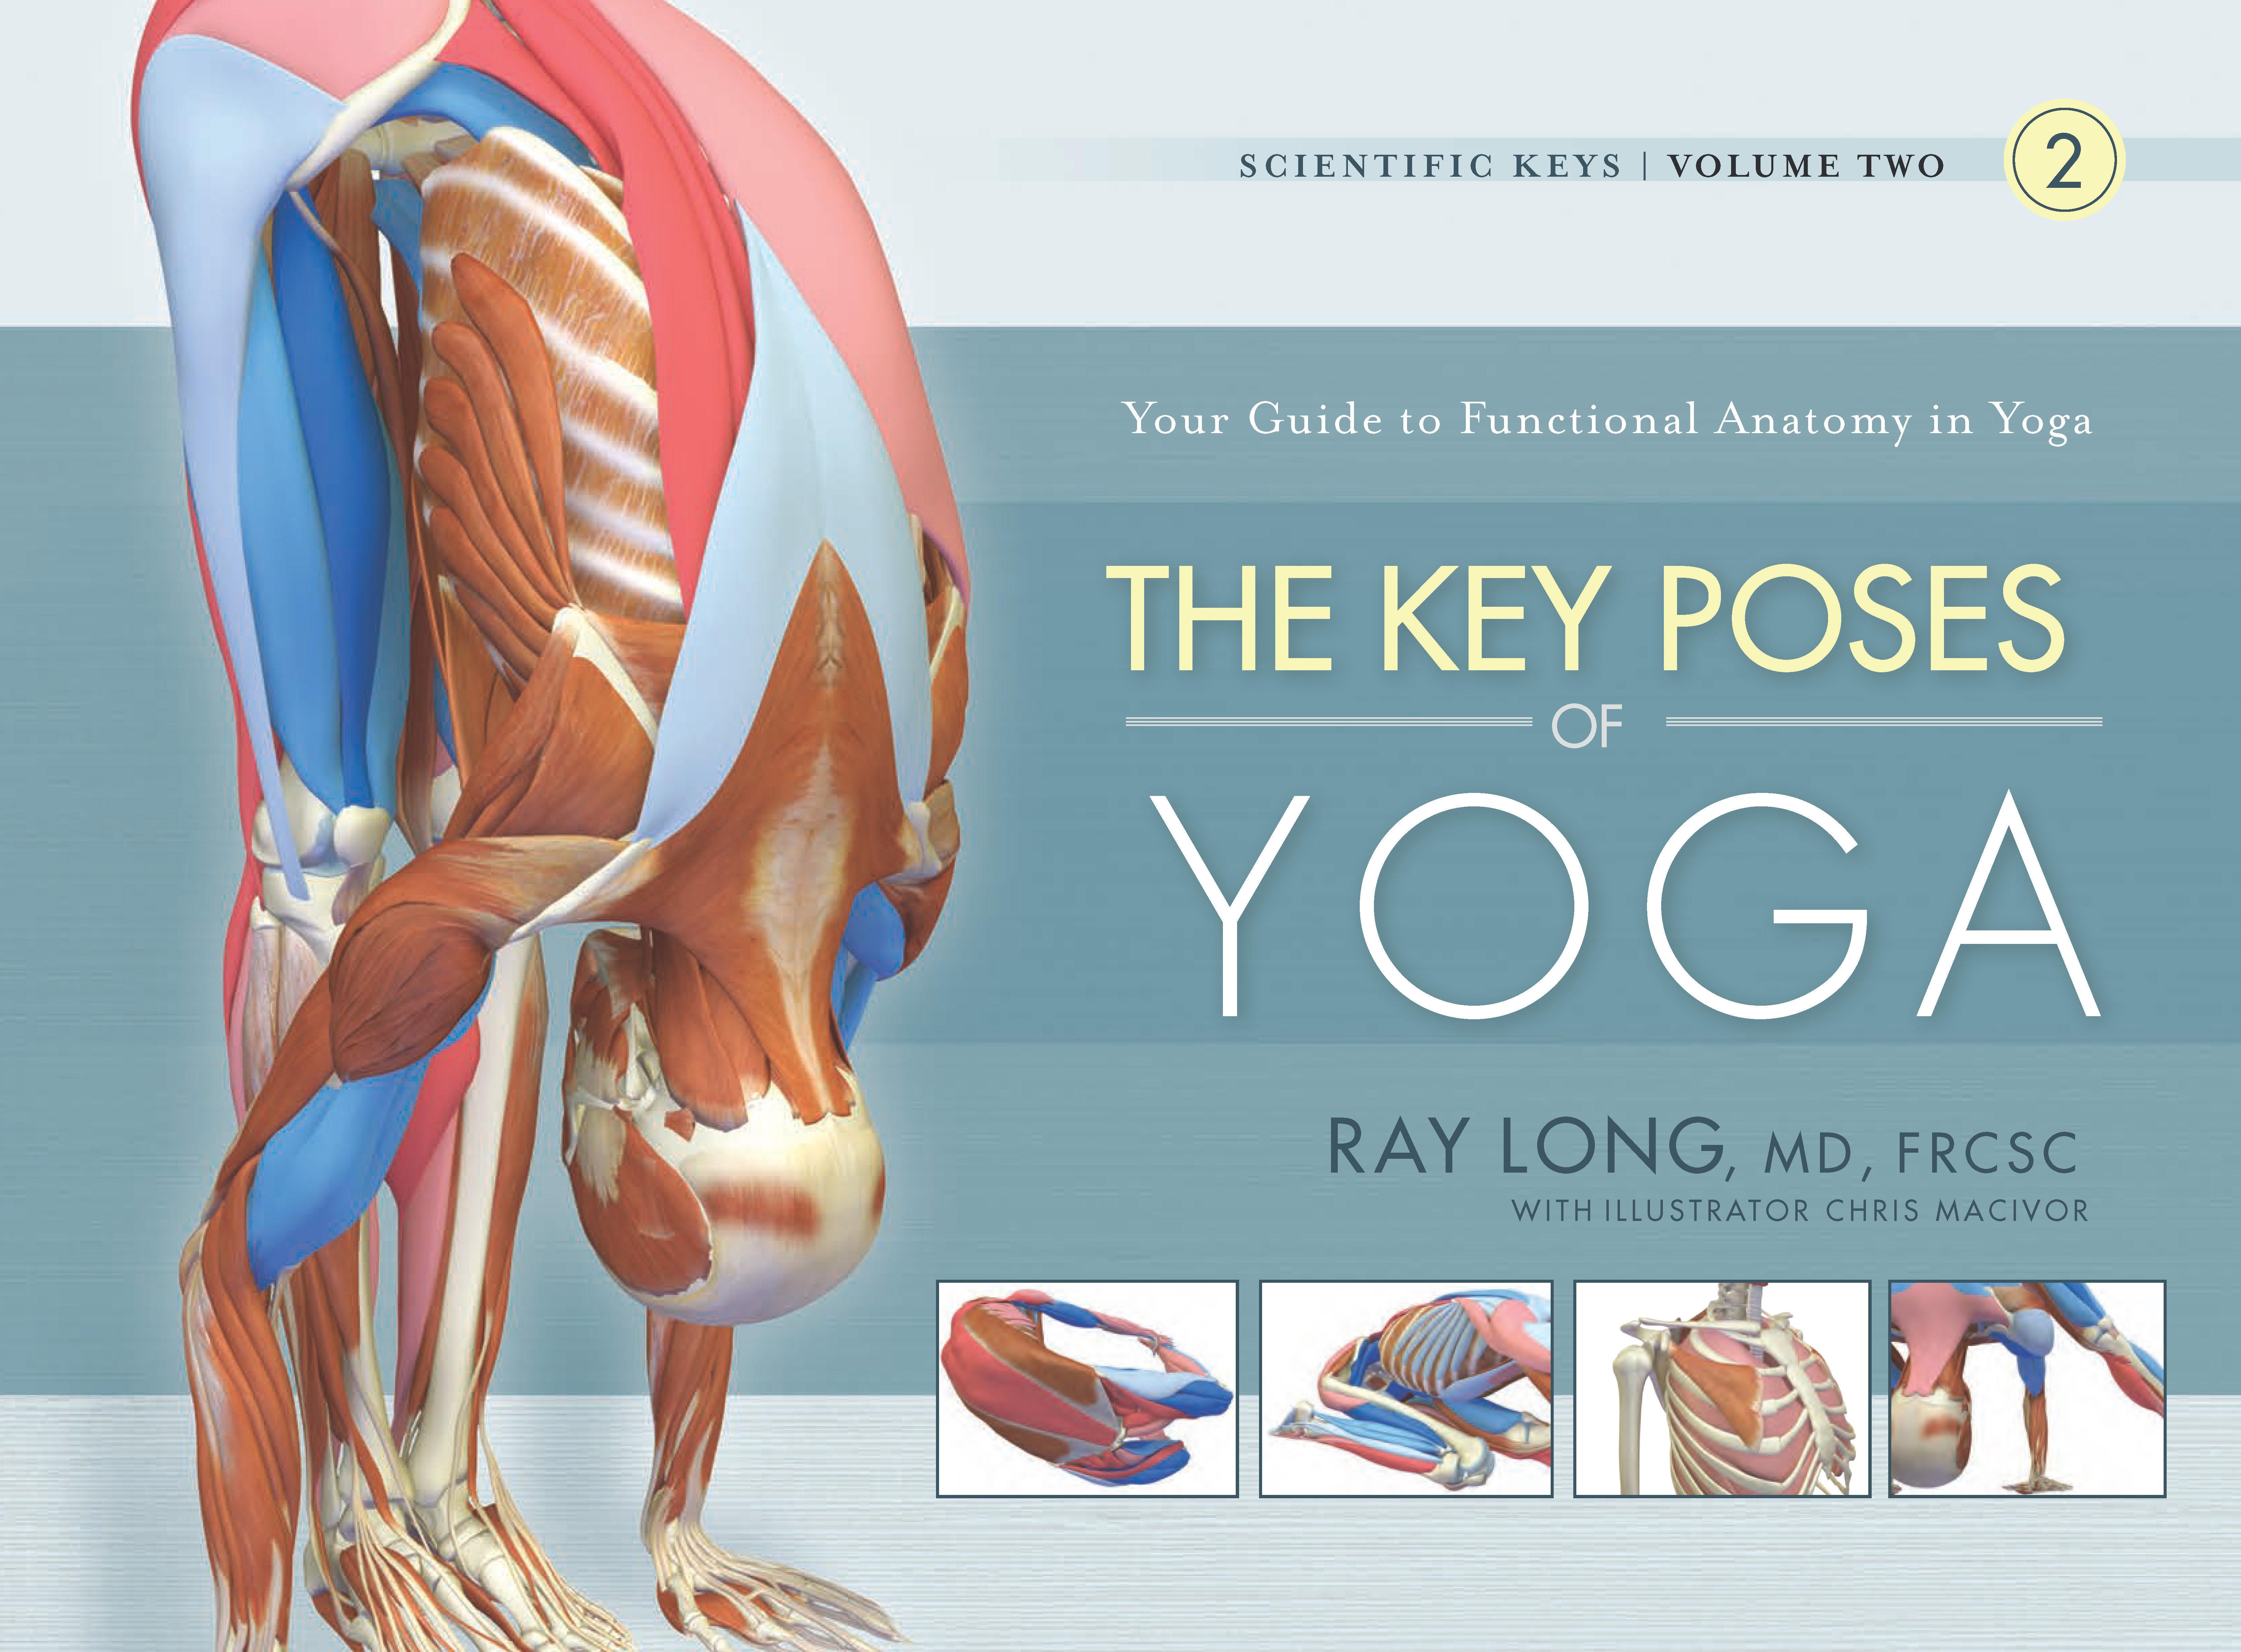 THE KEY POSES OF YOGA EBOOK   RAY LONG   Descargar libro PDF o EPUB ...